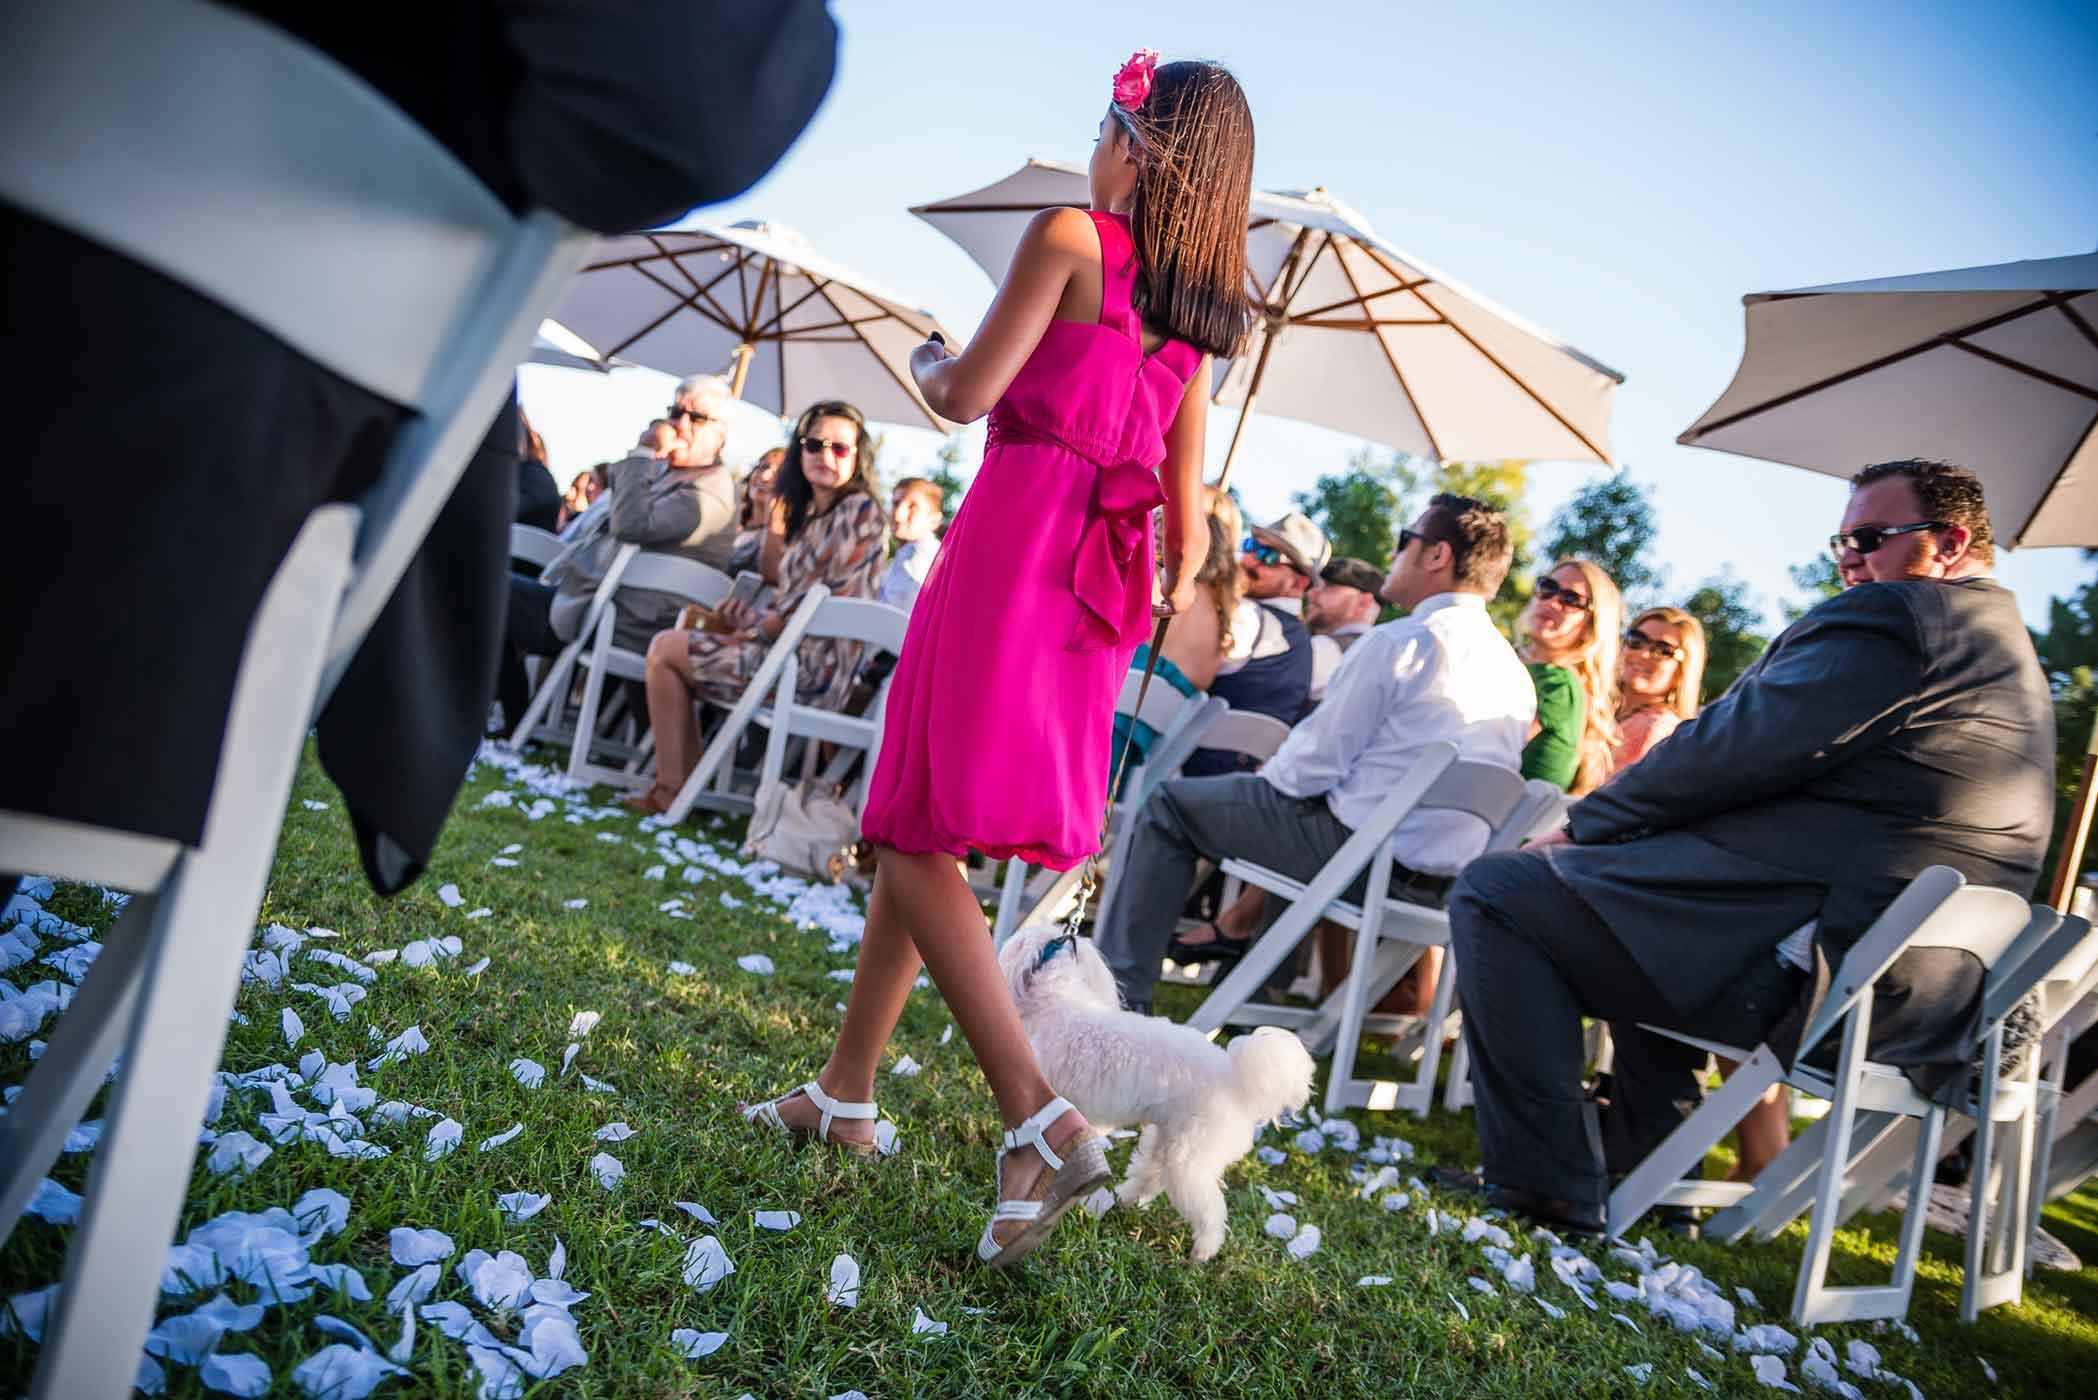 smlNahal-+-Joe-Wedding---Aug-2015-86.jpg